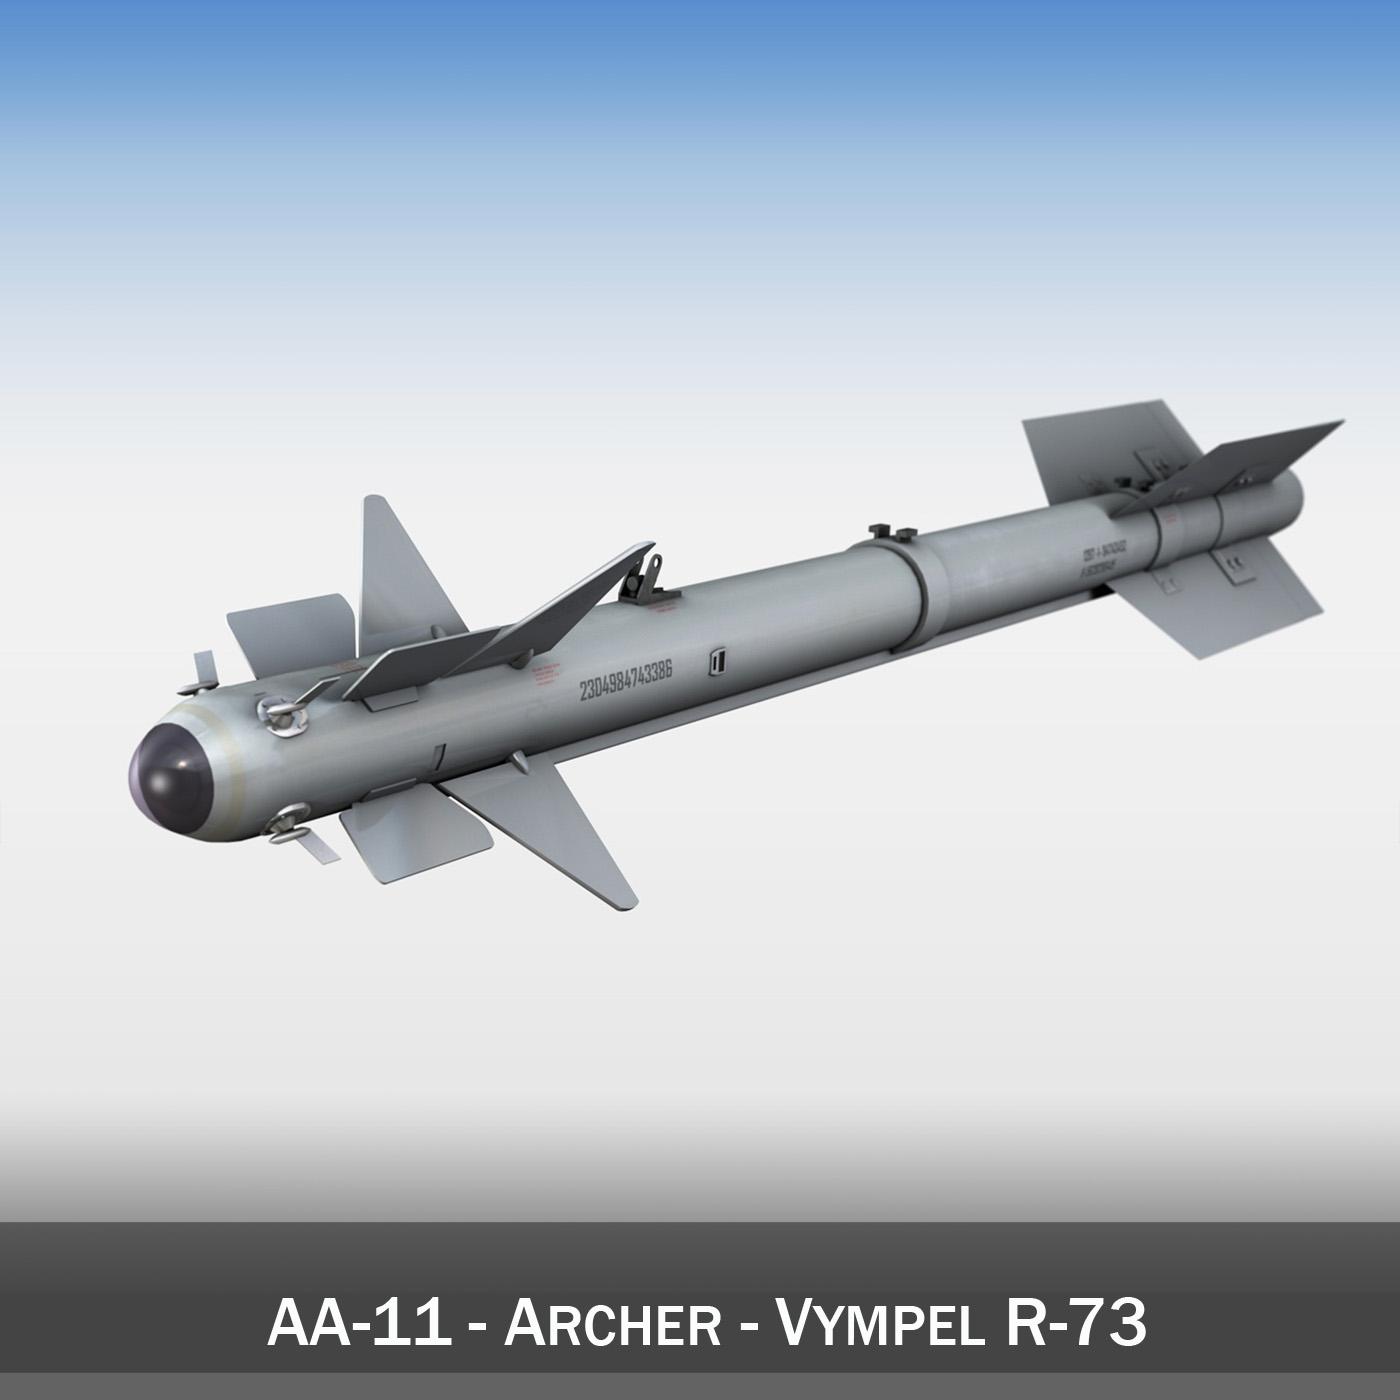 aa 11 archer vympel r 73 3d model 3ds fbx c4d lwo obj 188148